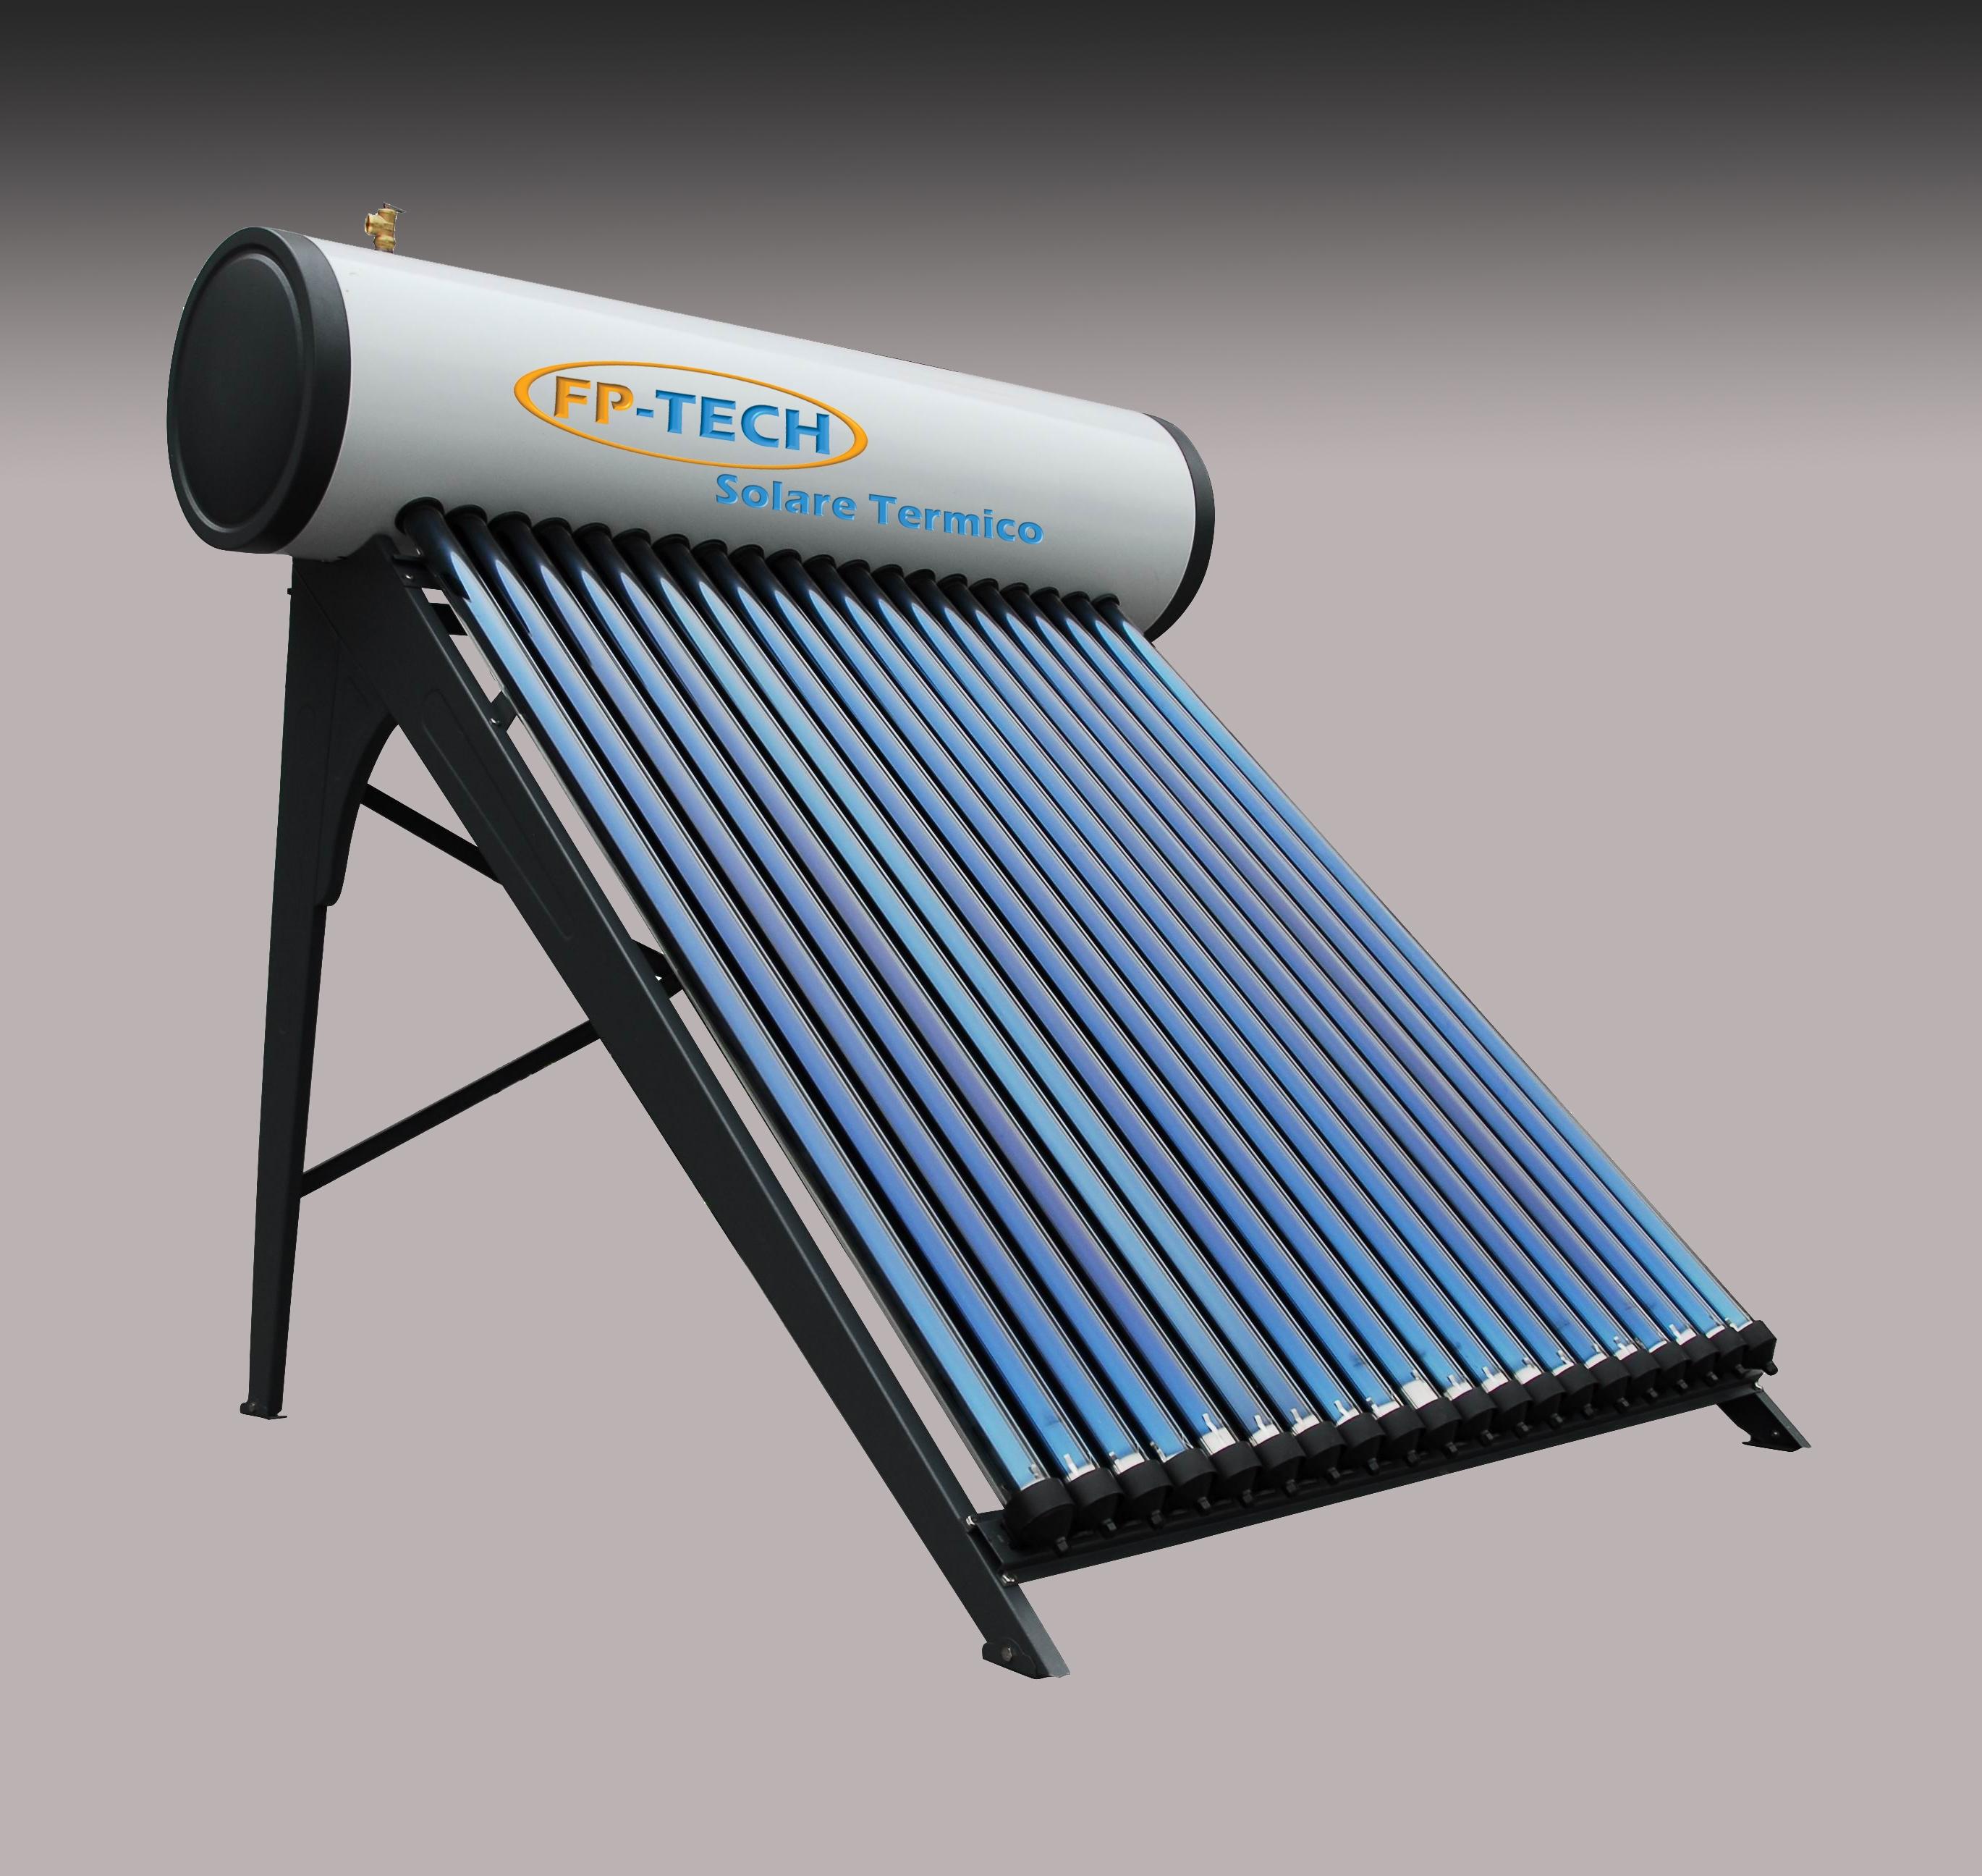 Pannello Solare Termico Hermann Prezzi : Pannello solare termico heat pipe pressurizzato lt